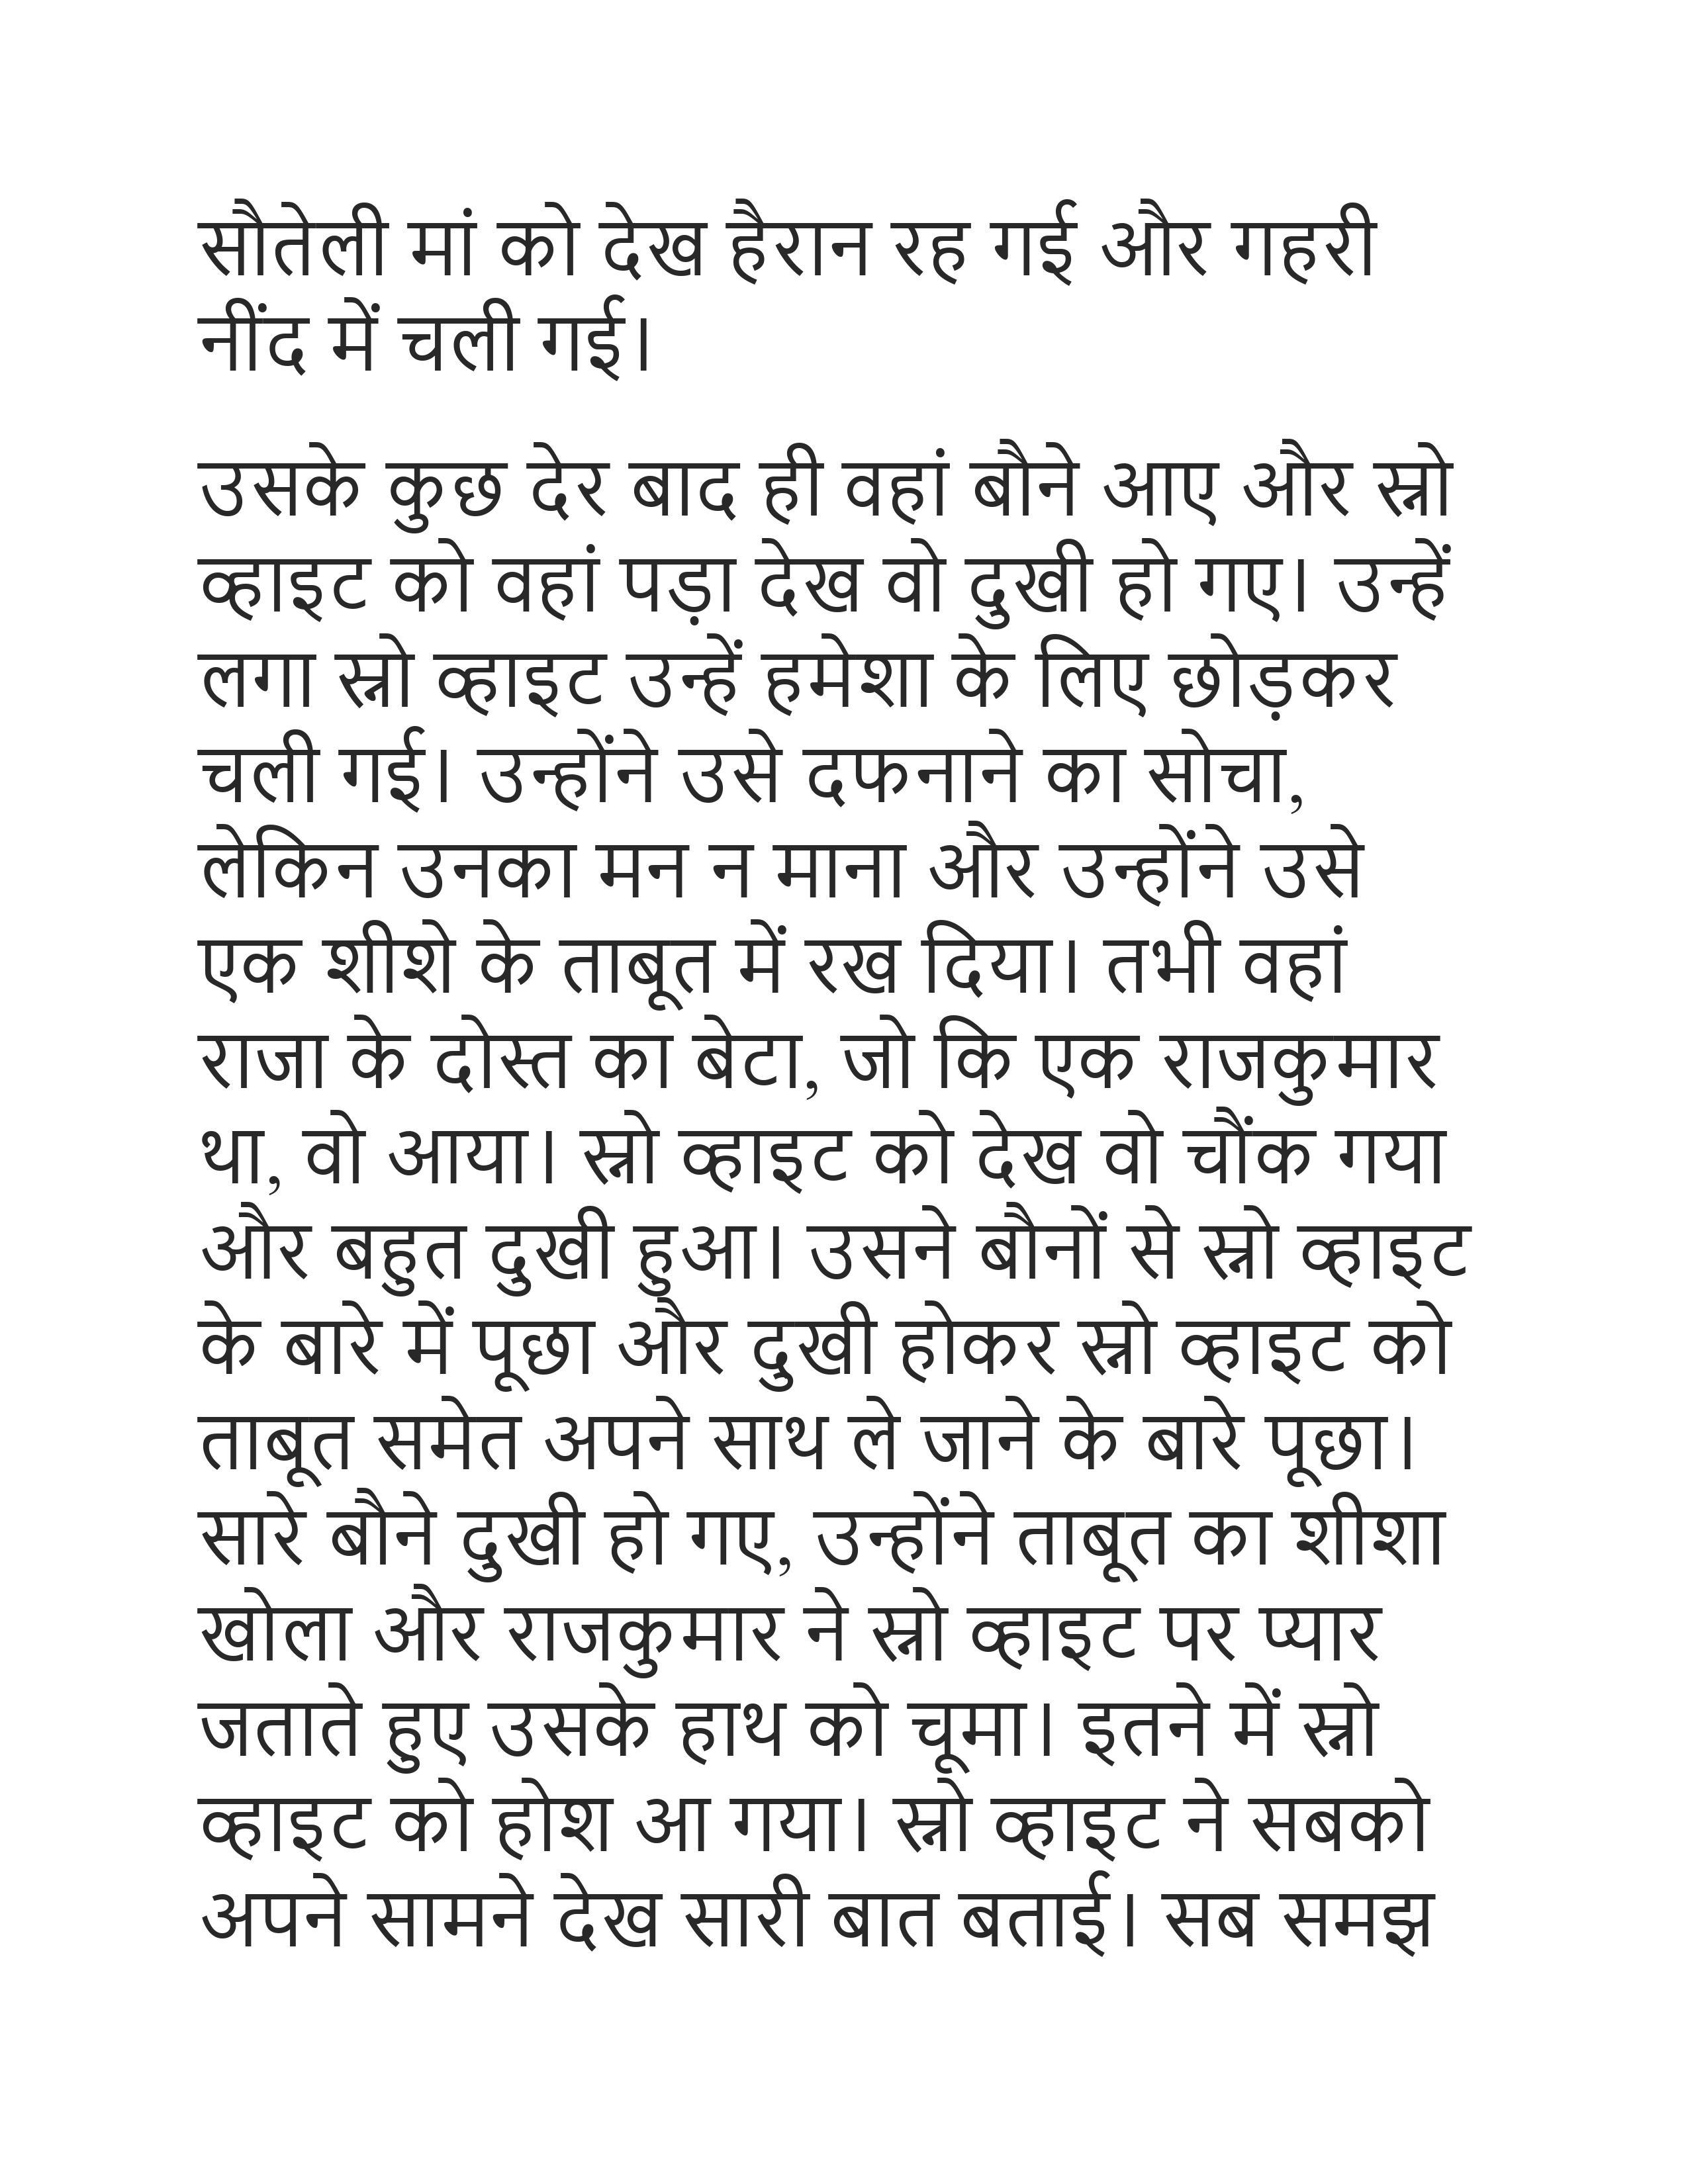 Fairy tales hindi pariyon ki kahaniya 21